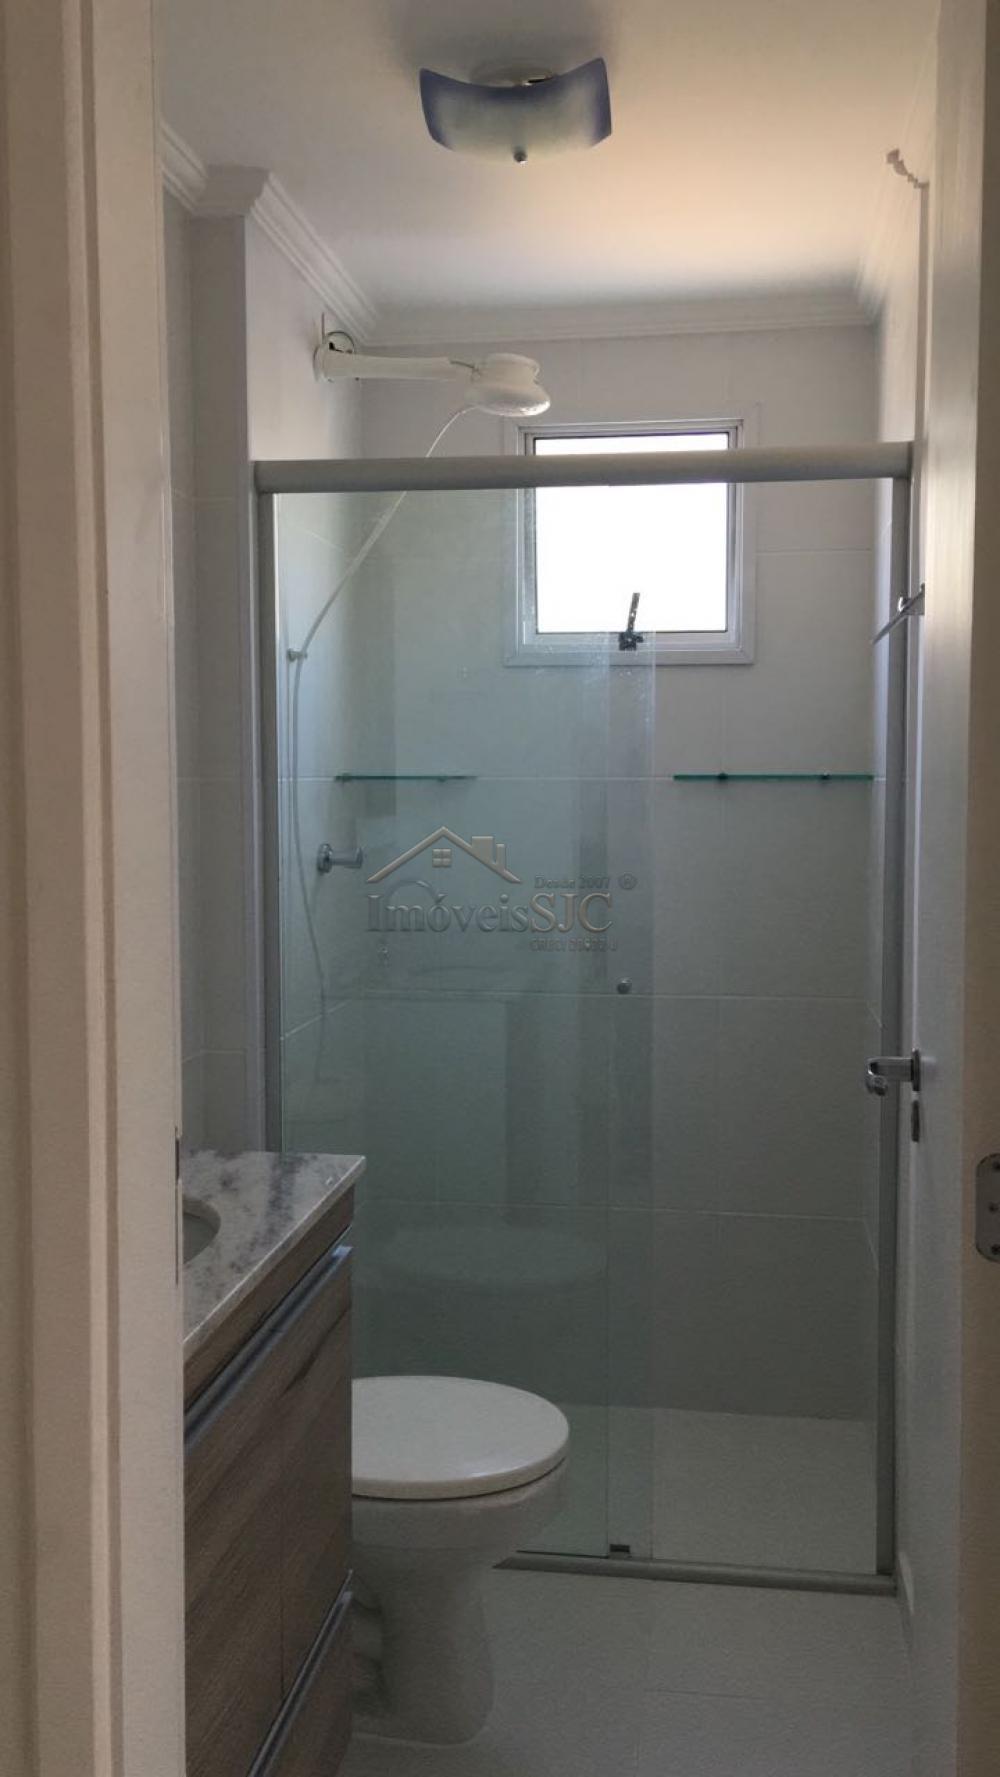 Comprar Apartamentos / Padrão em São José dos Campos apenas R$ 240.000,00 - Foto 7